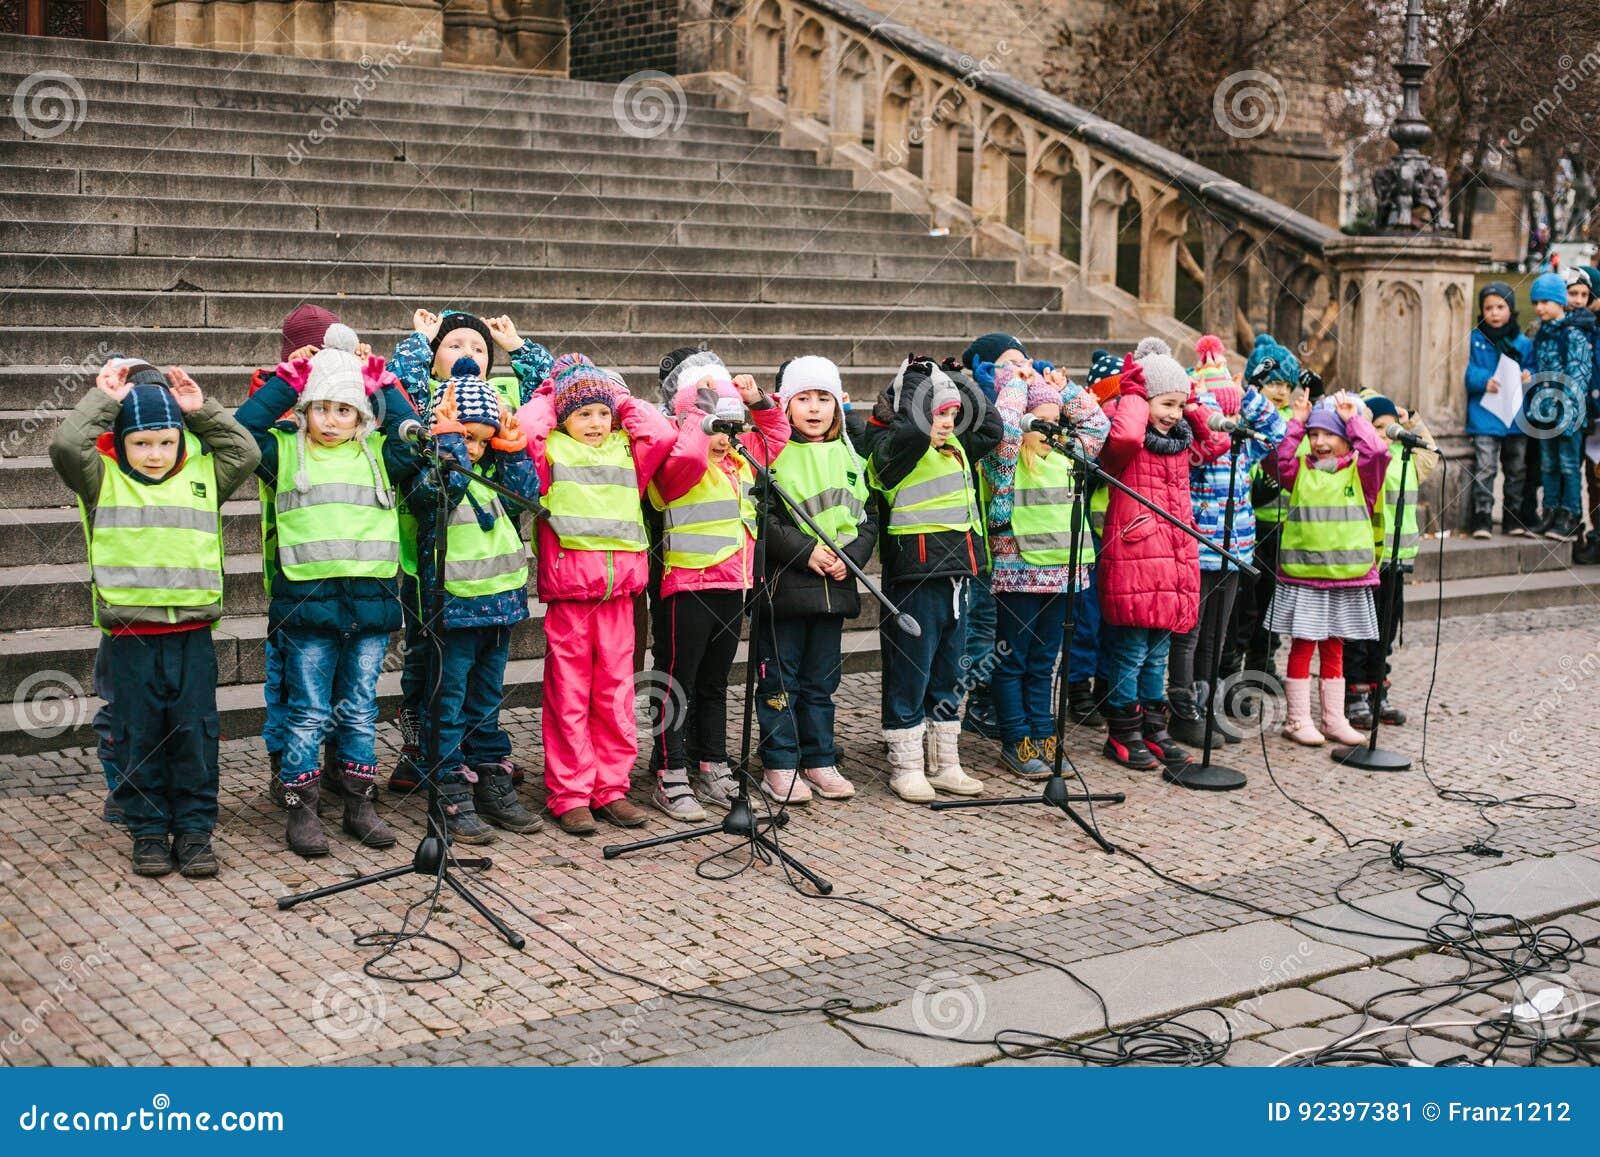 Tschechische Weihnachtslieder.Prag Tschechische Republik Am 15 Dezember 2016 Der Chor Von